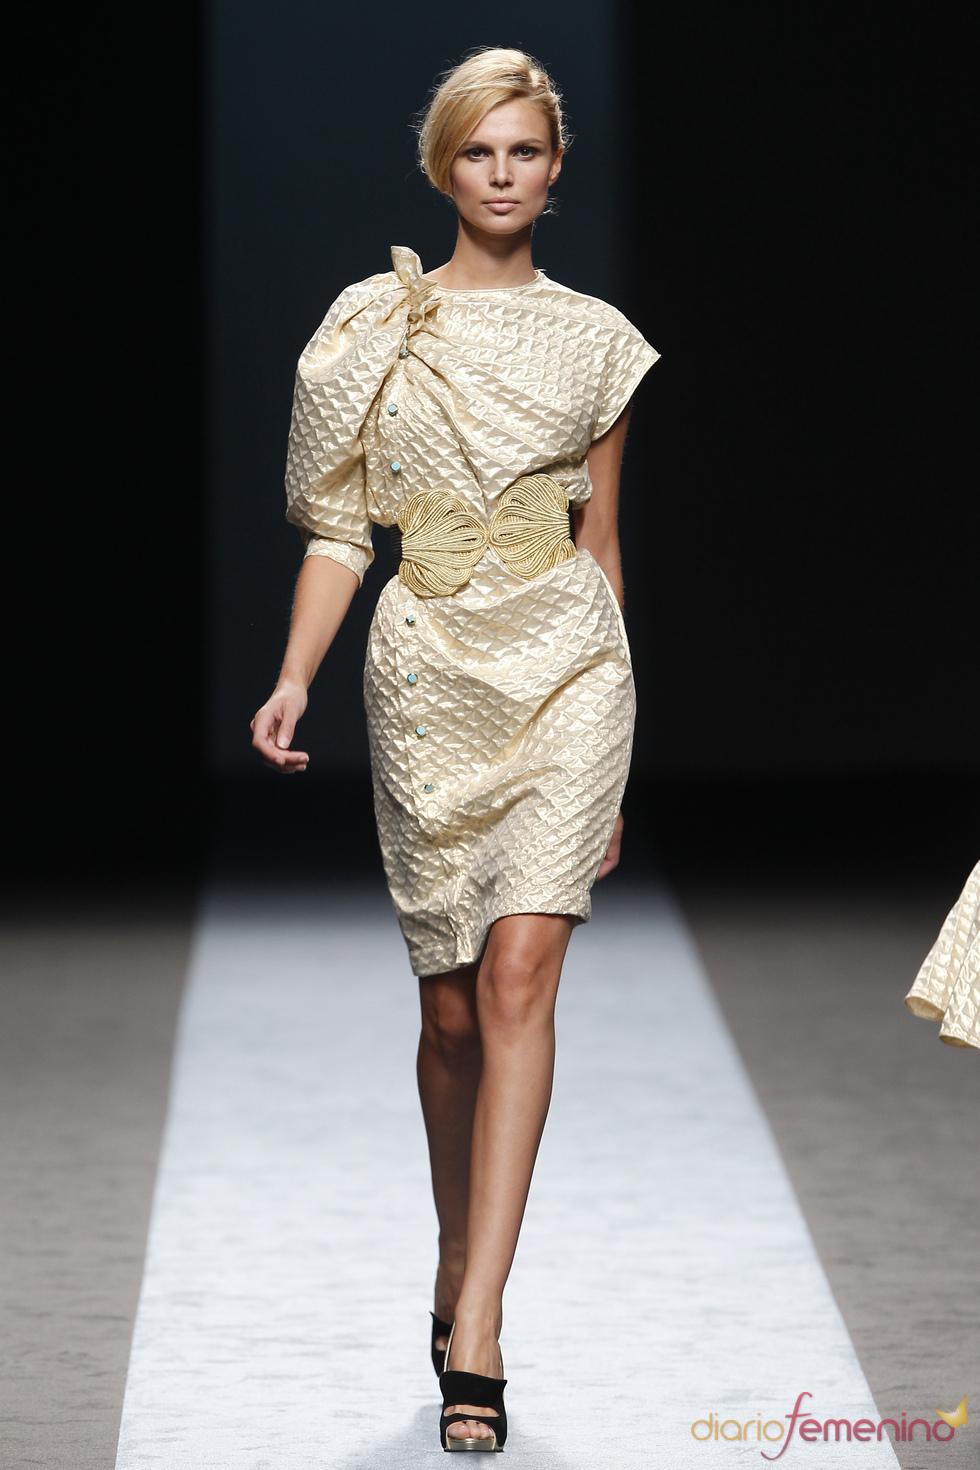 Vestido dorado de Miguel Palacio en la Pasarela Cibeles